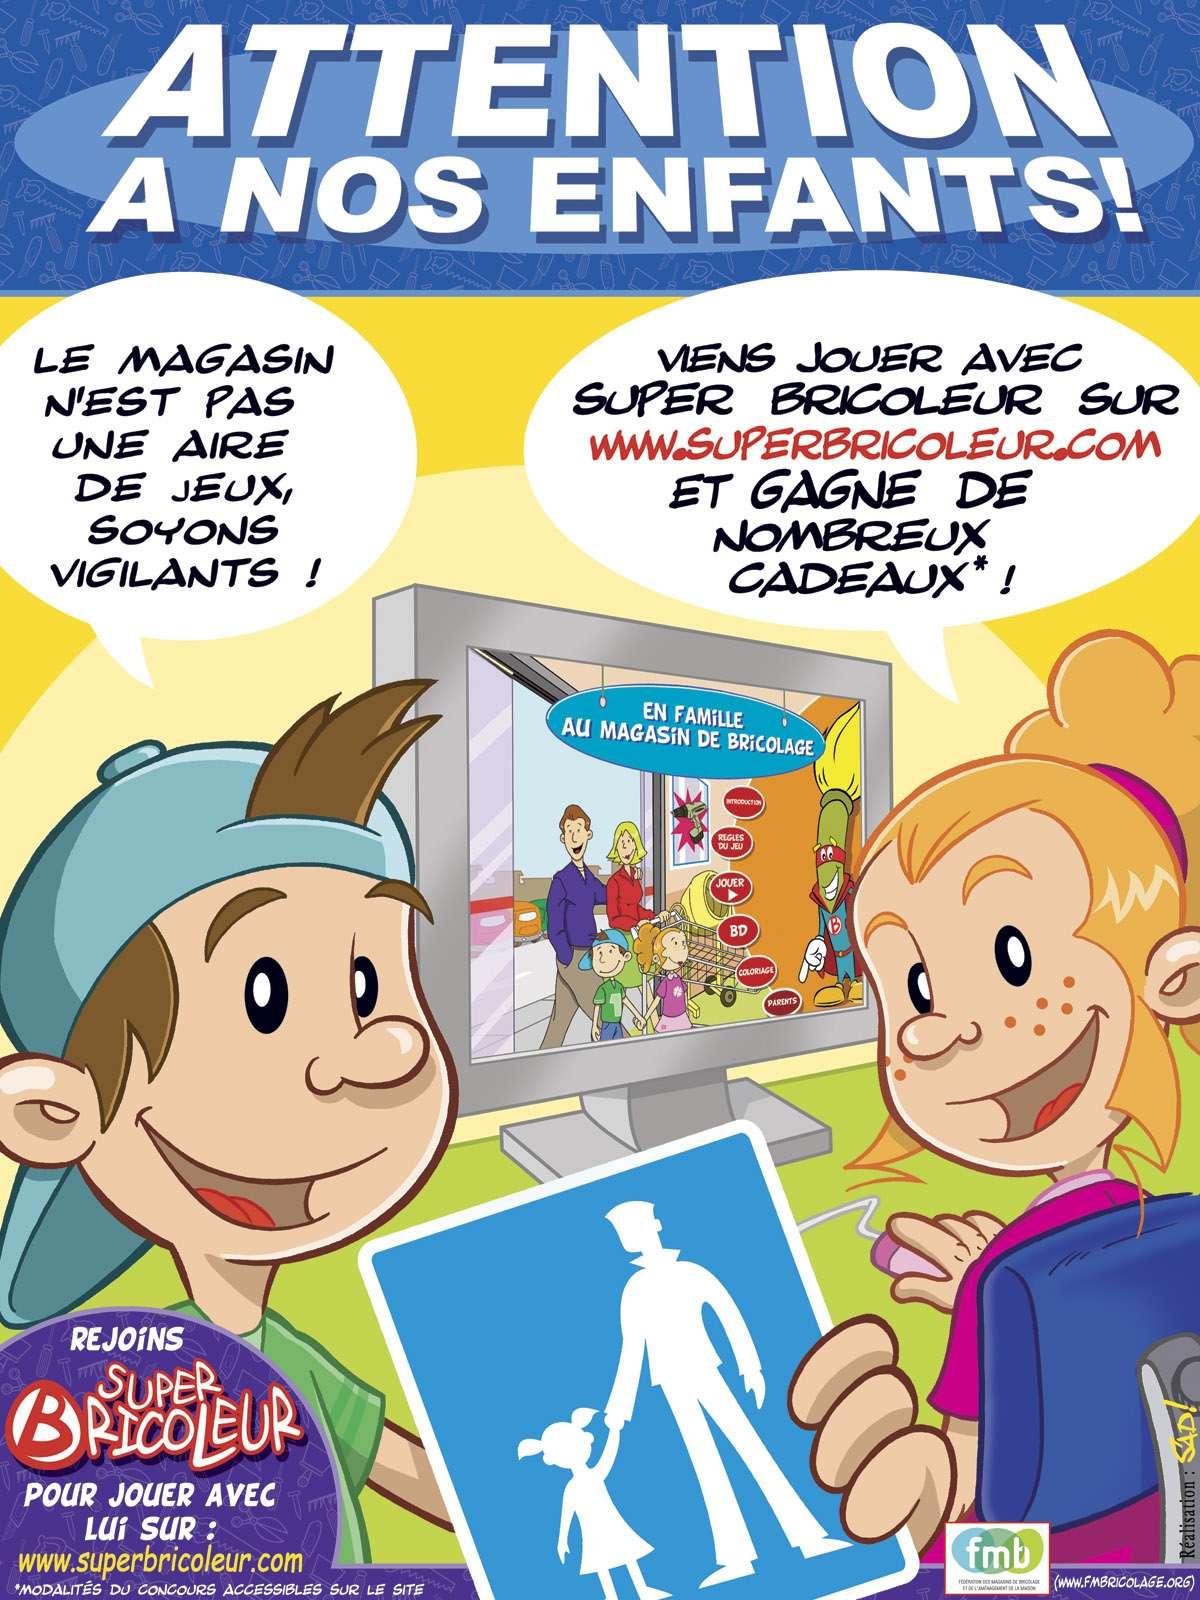 Le site superbricoleur.com s'associe à la Fmb pour sensibiliser les plus jeunes aux risques d'accidents du bricolage Crédits : DR